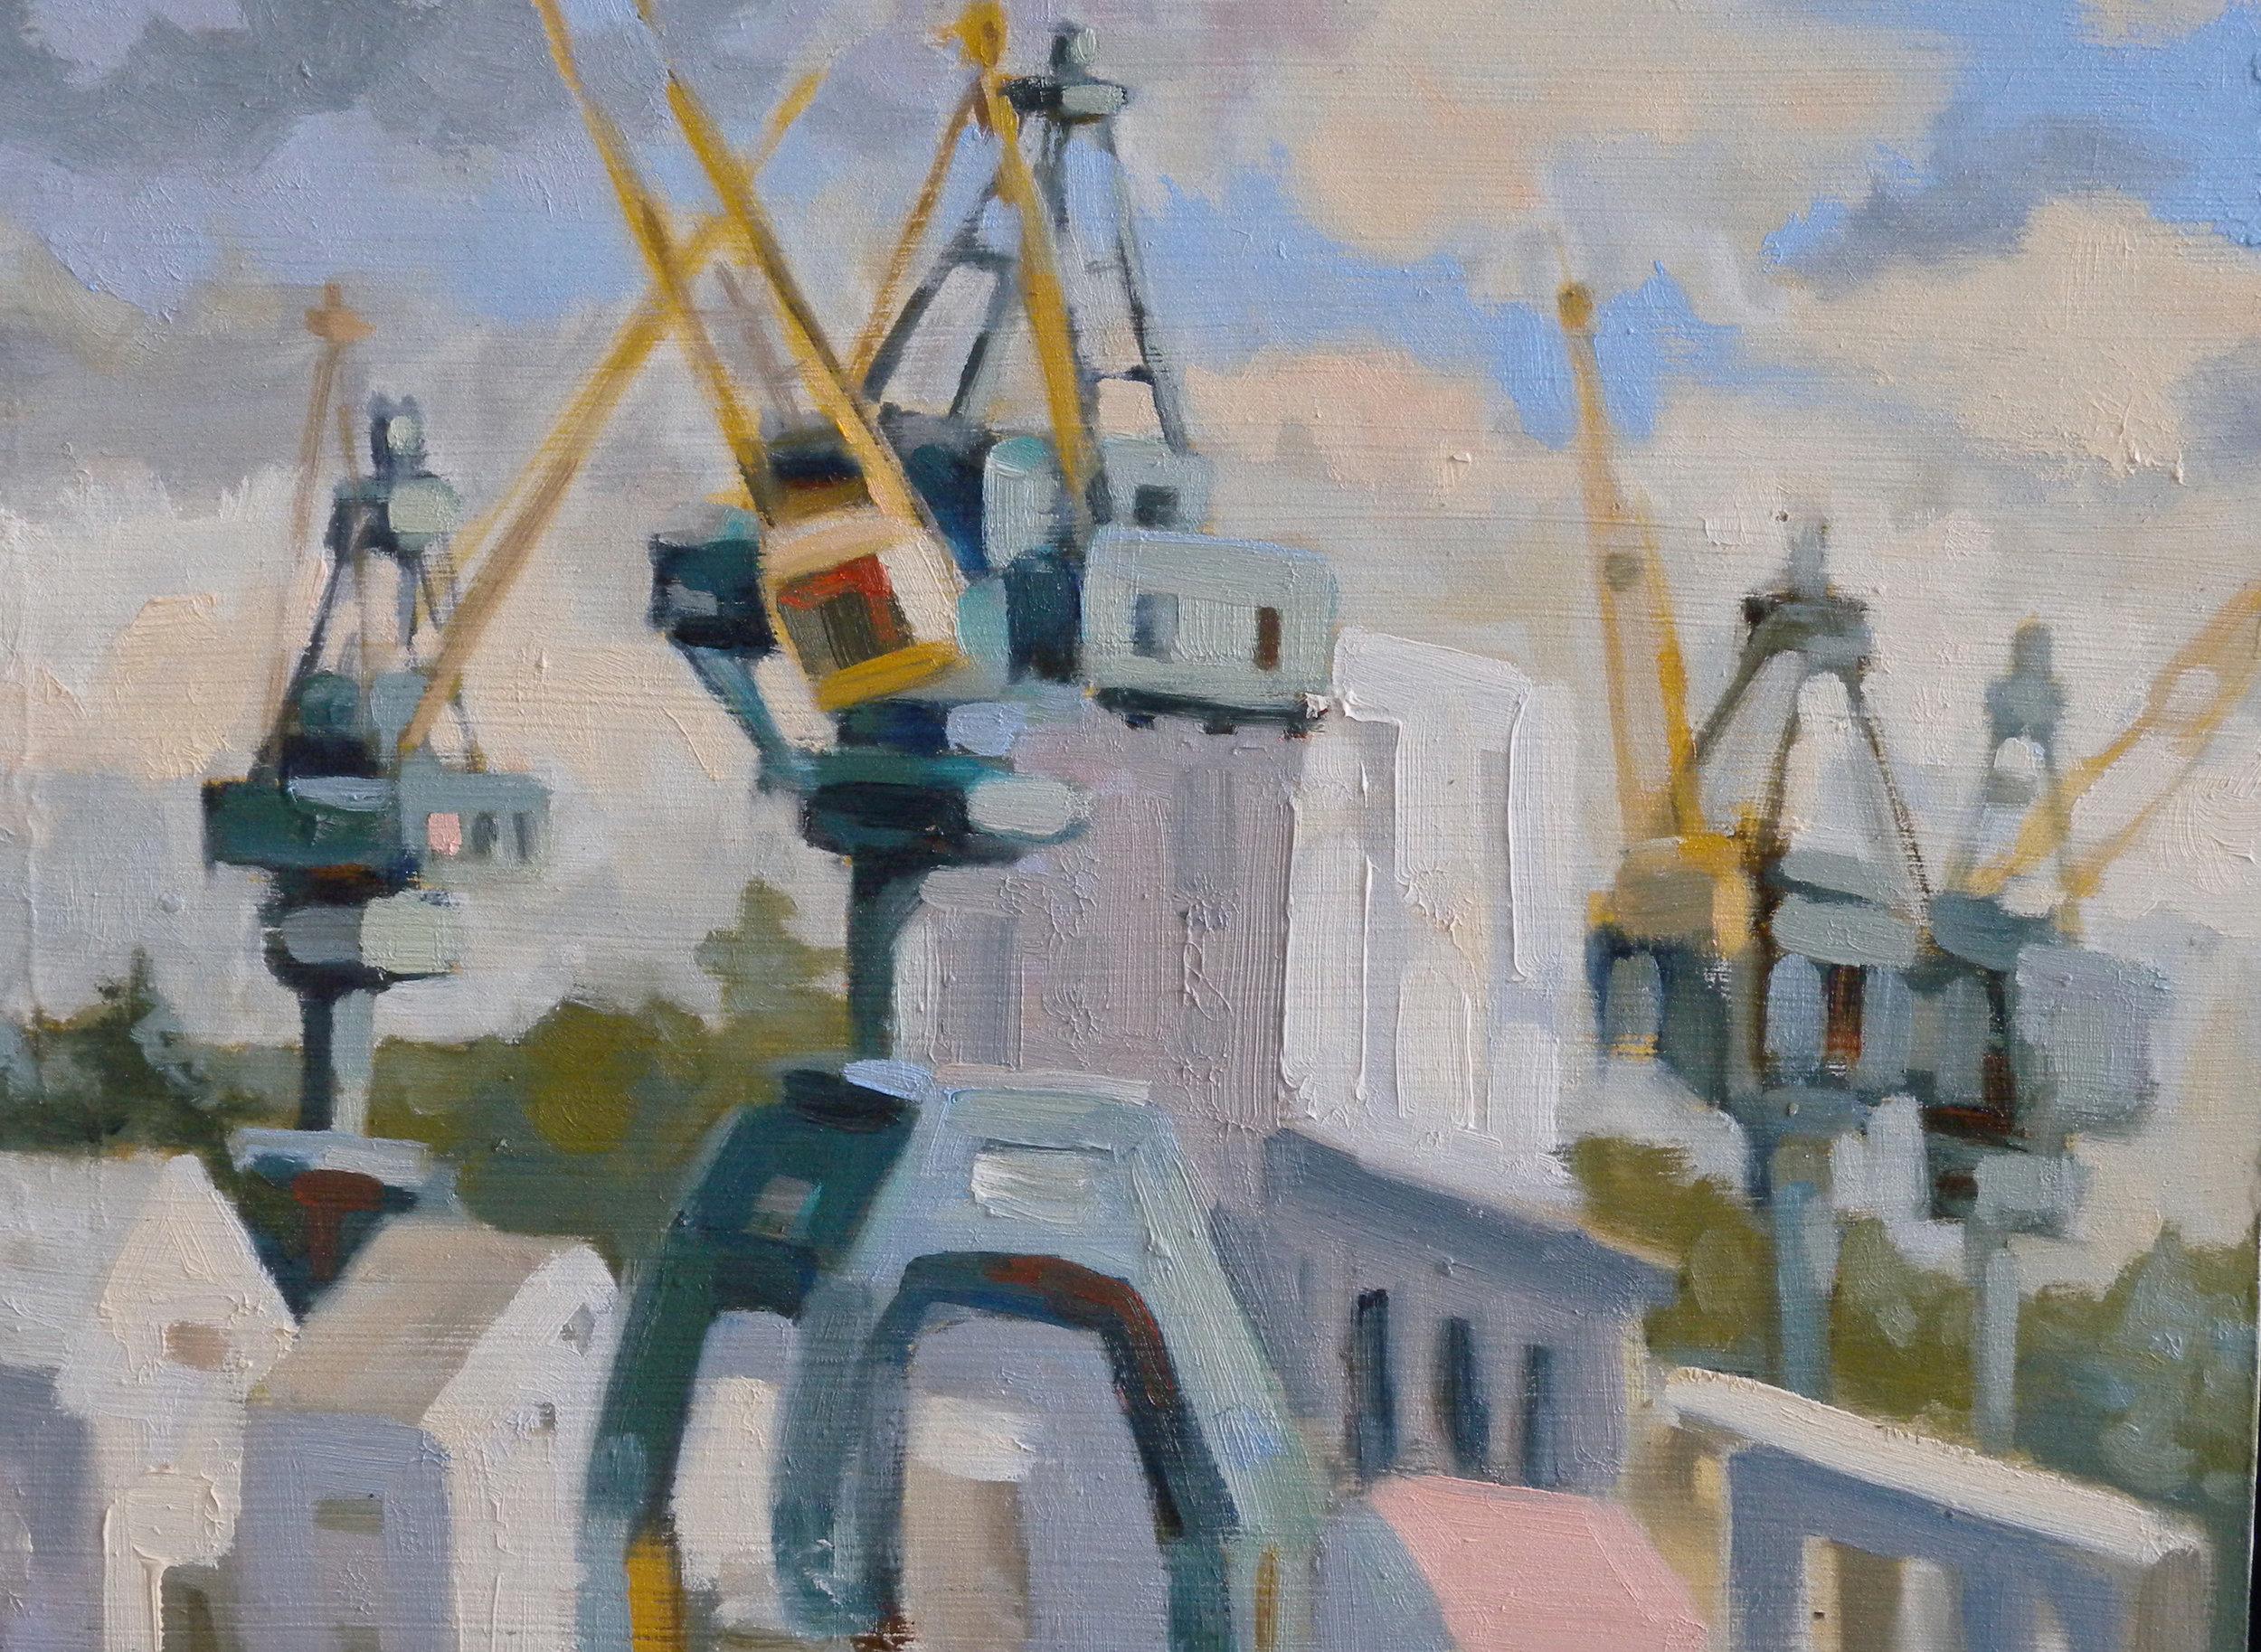 Four Cranes, oils, 9 x 12